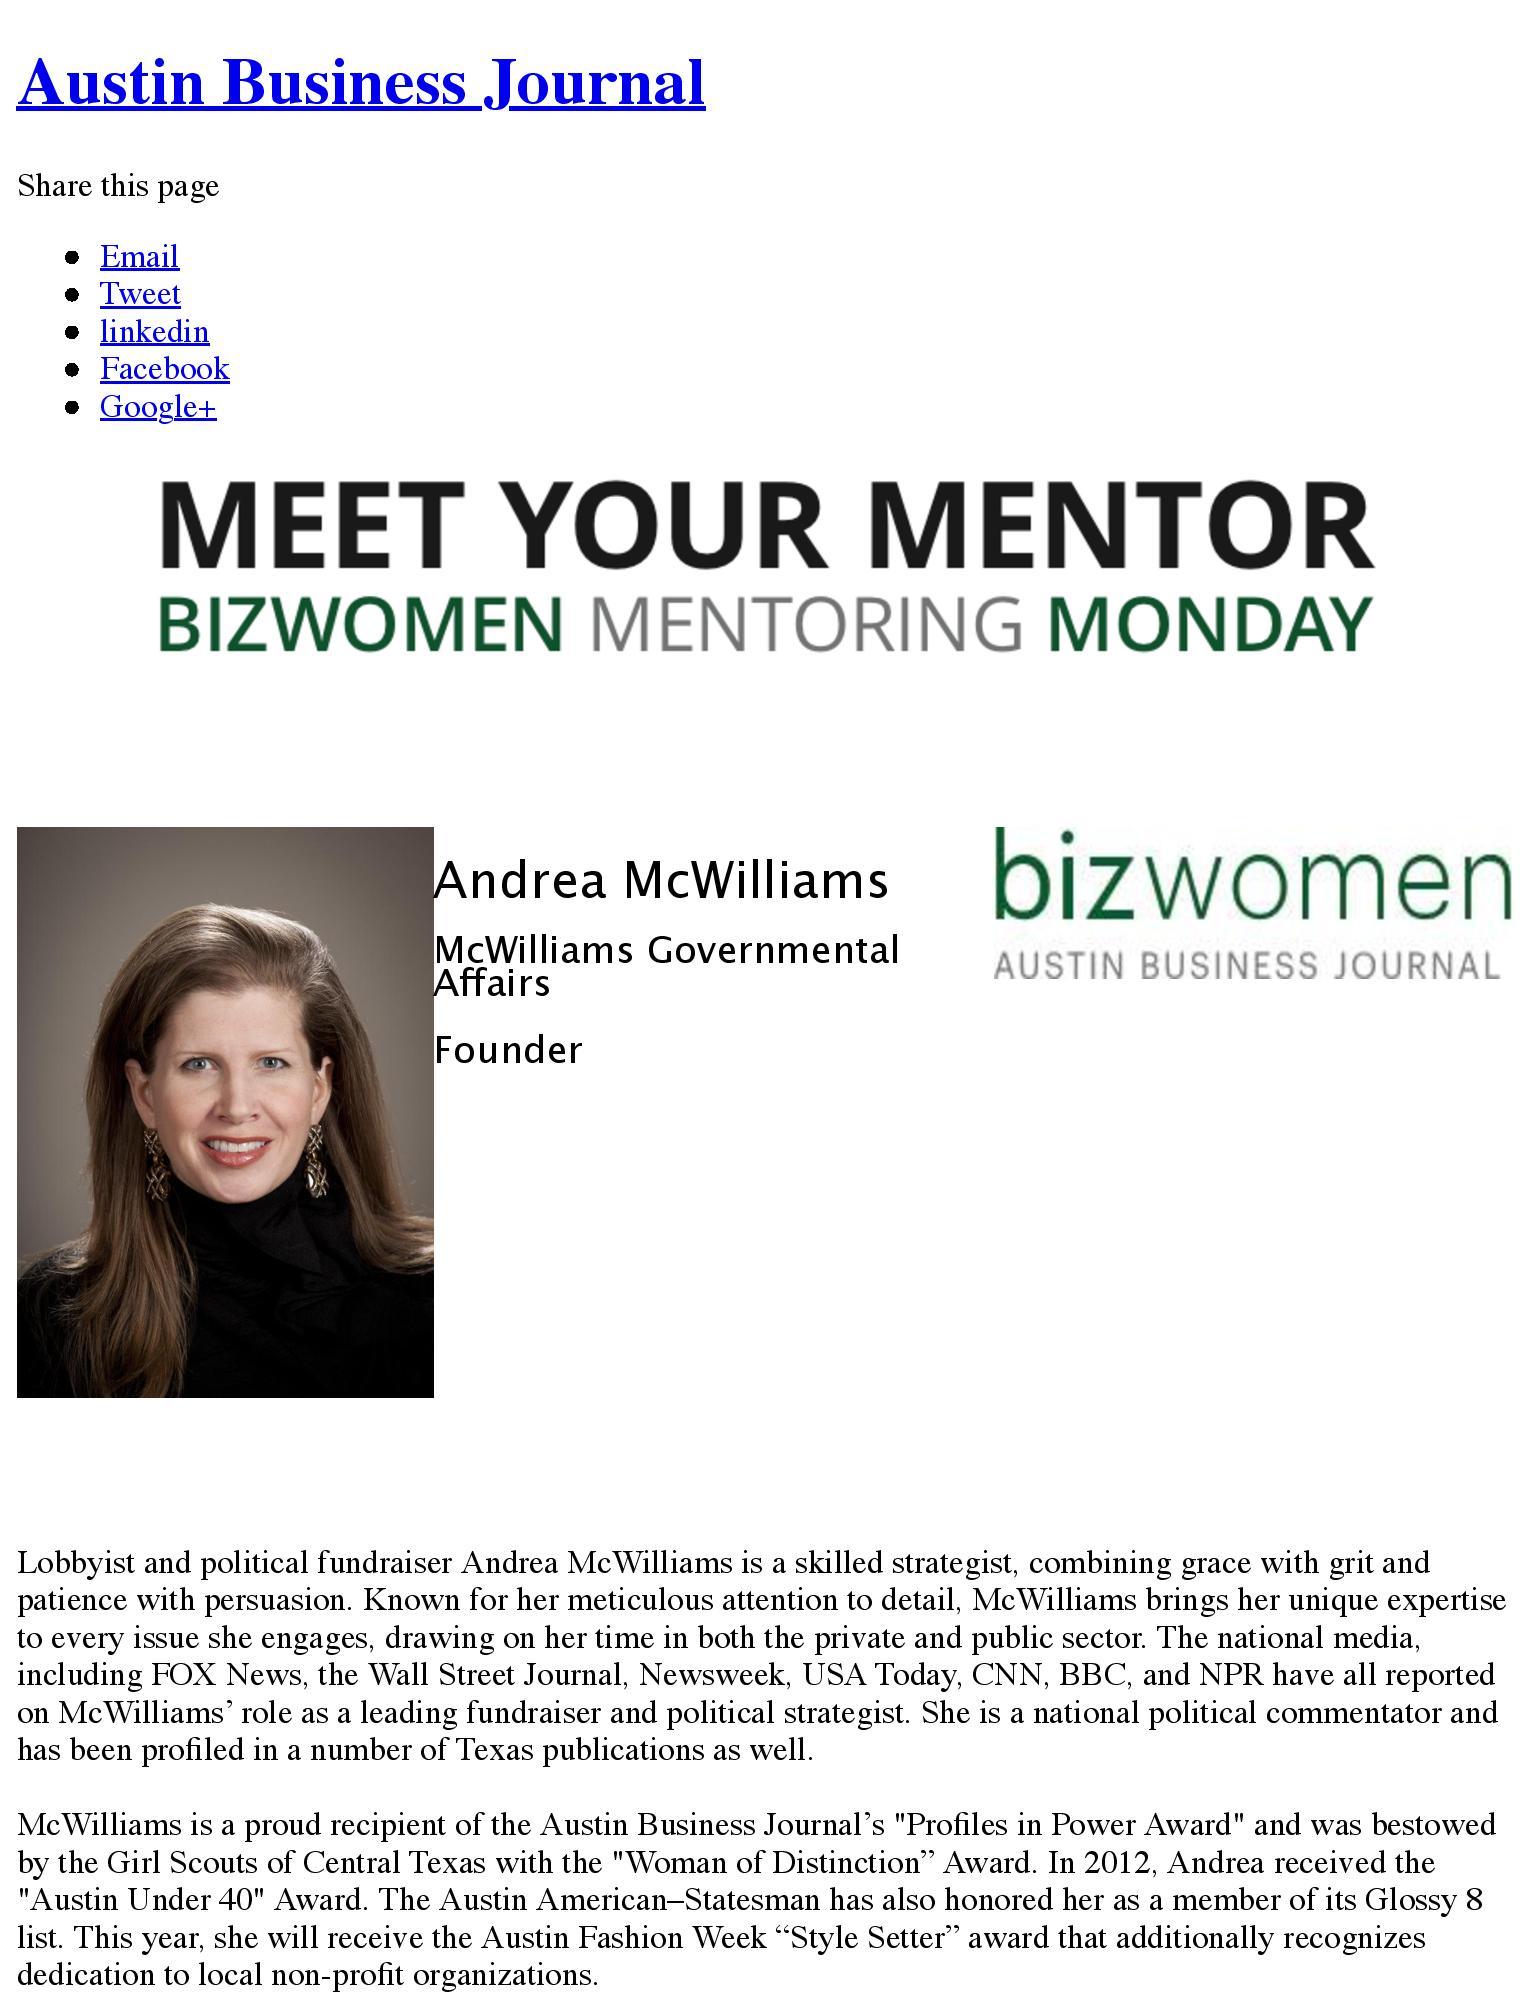 Meet Your Mentor - Austin Business Journal